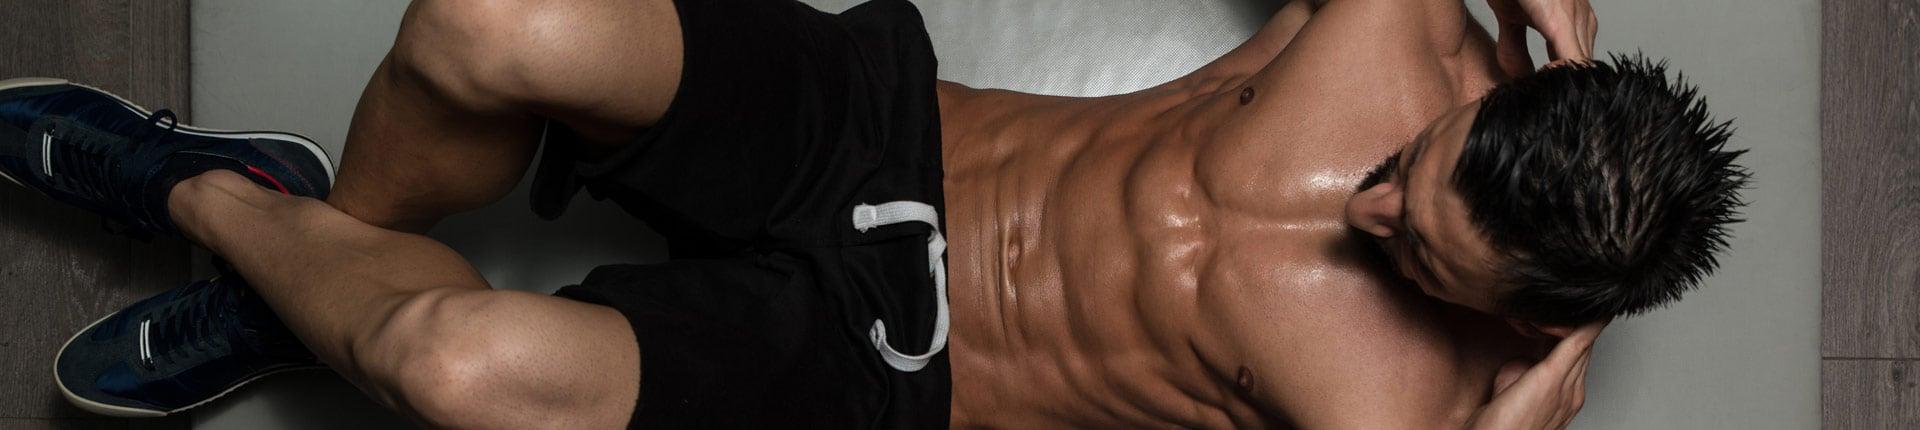 Czy mężczyznom jest łatwiej schudnąć niż kobietom?